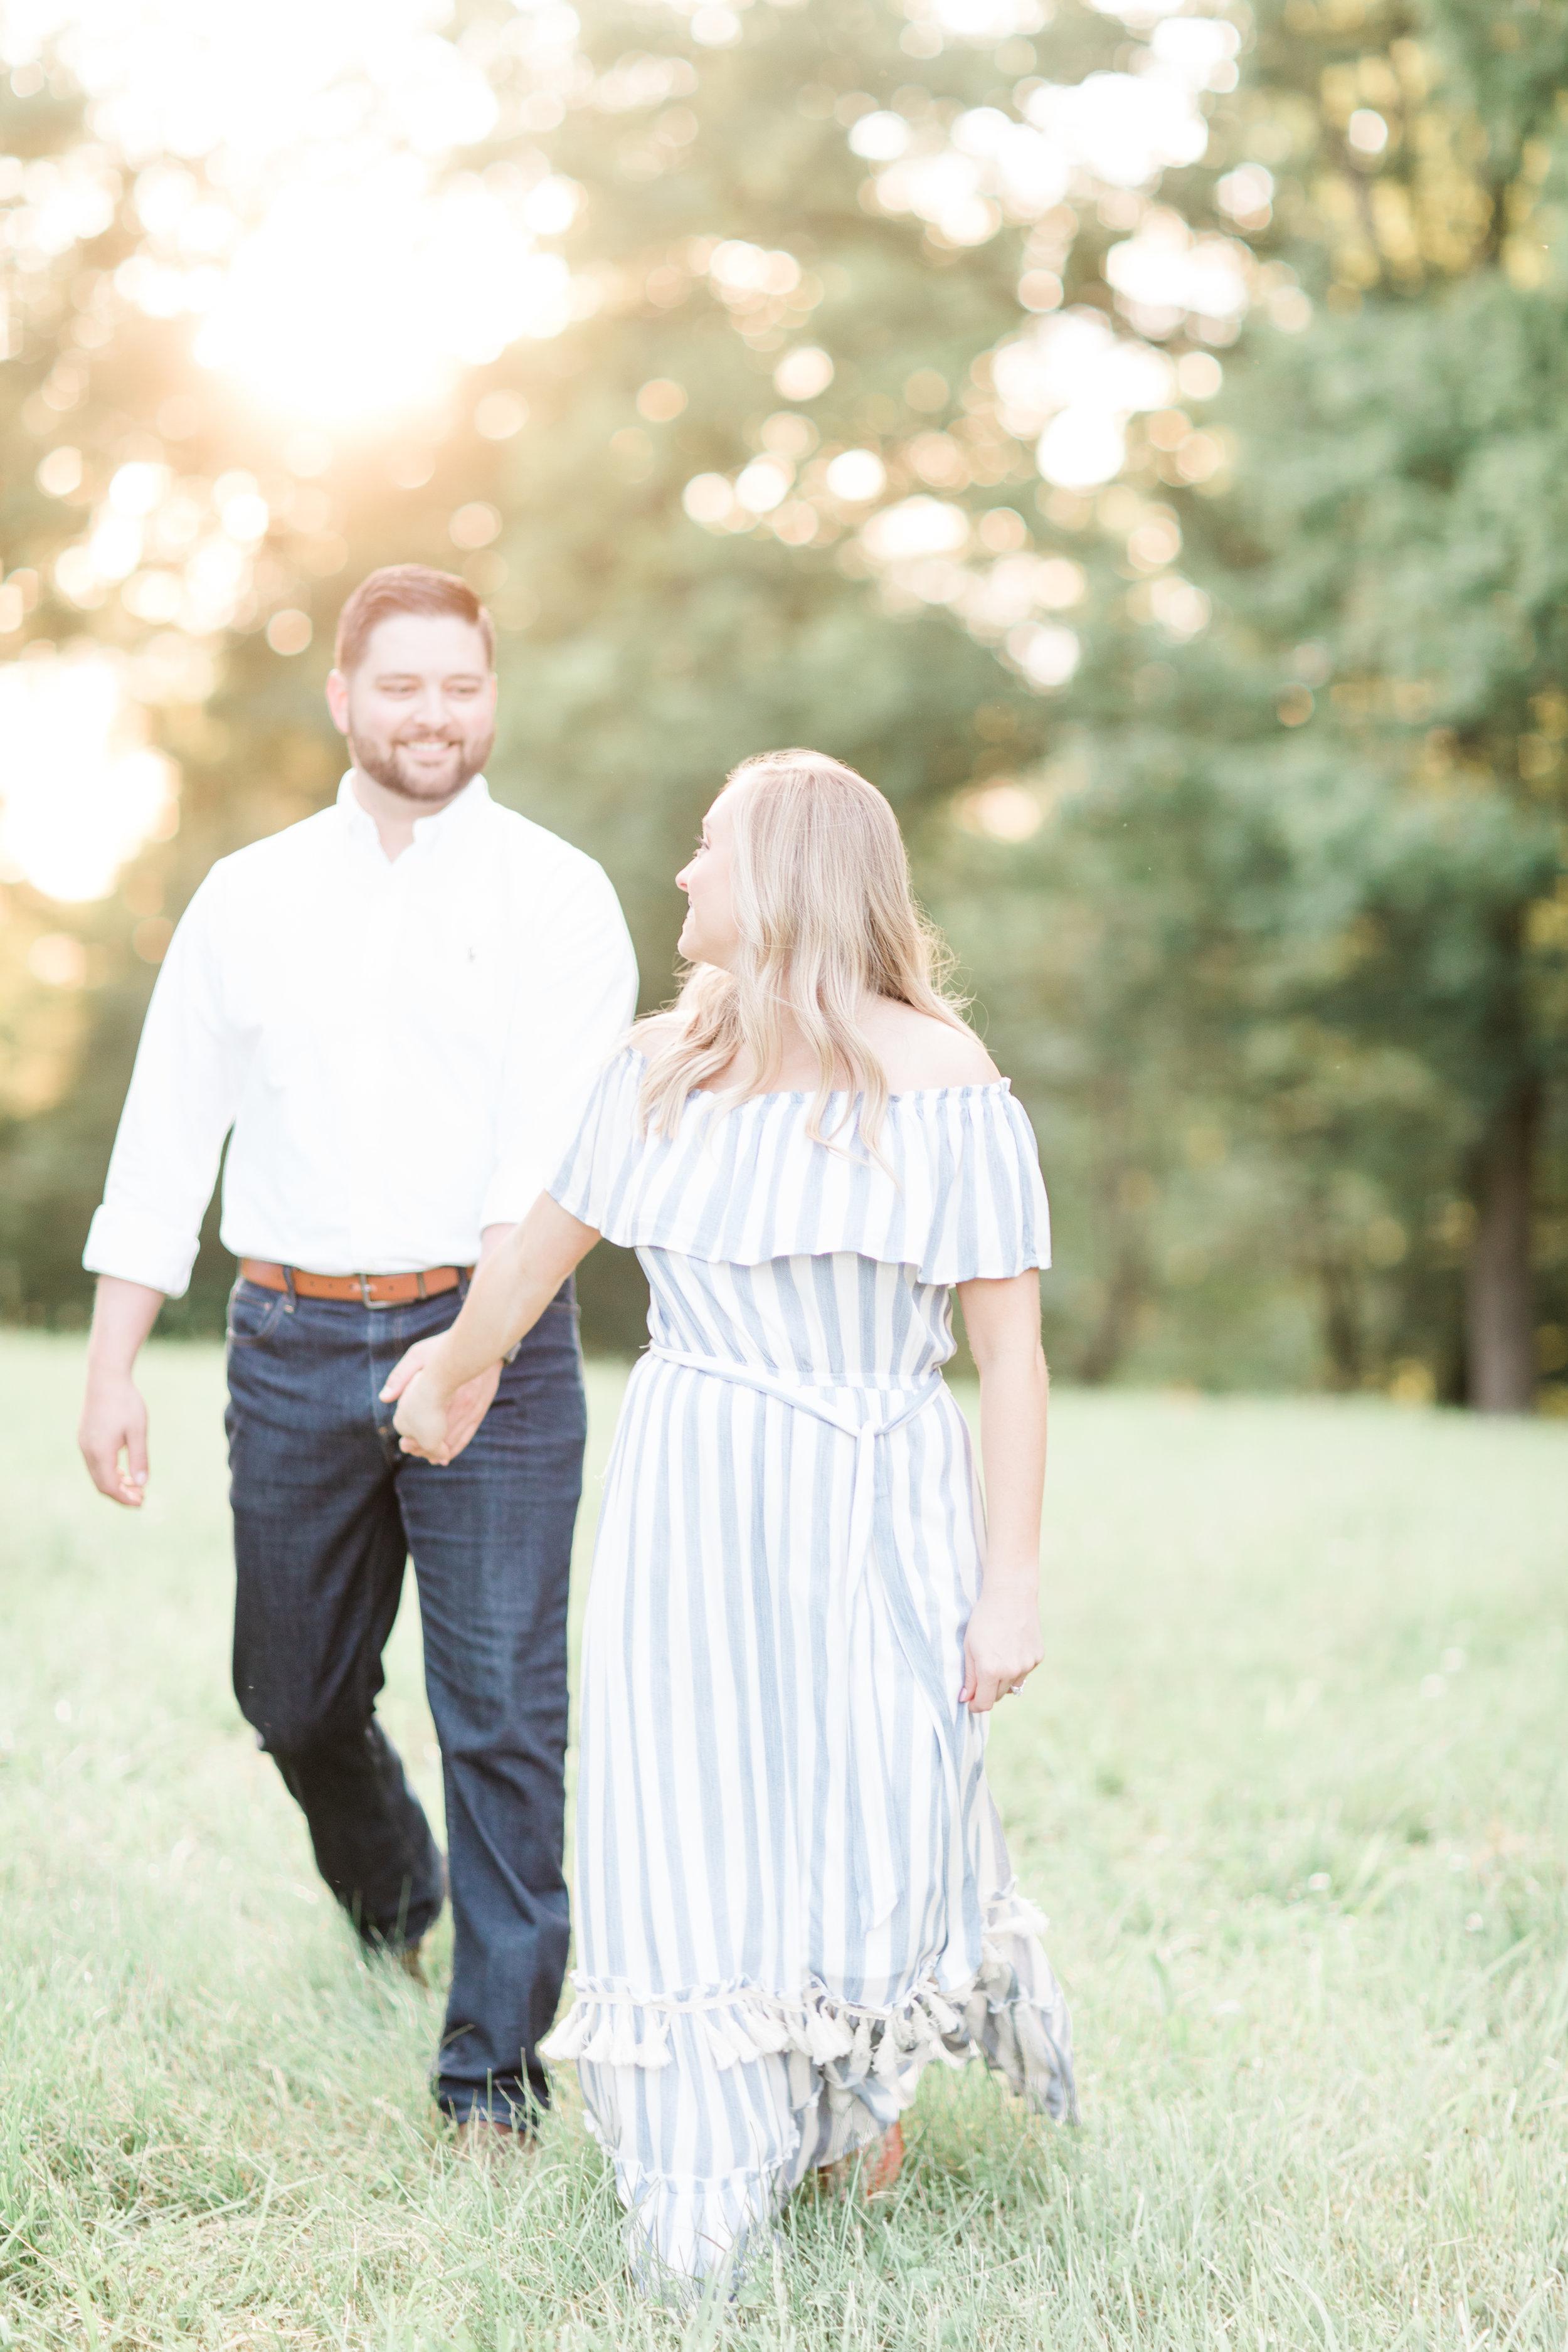 Madisonville Ky dating biblisk förklaring kol dating